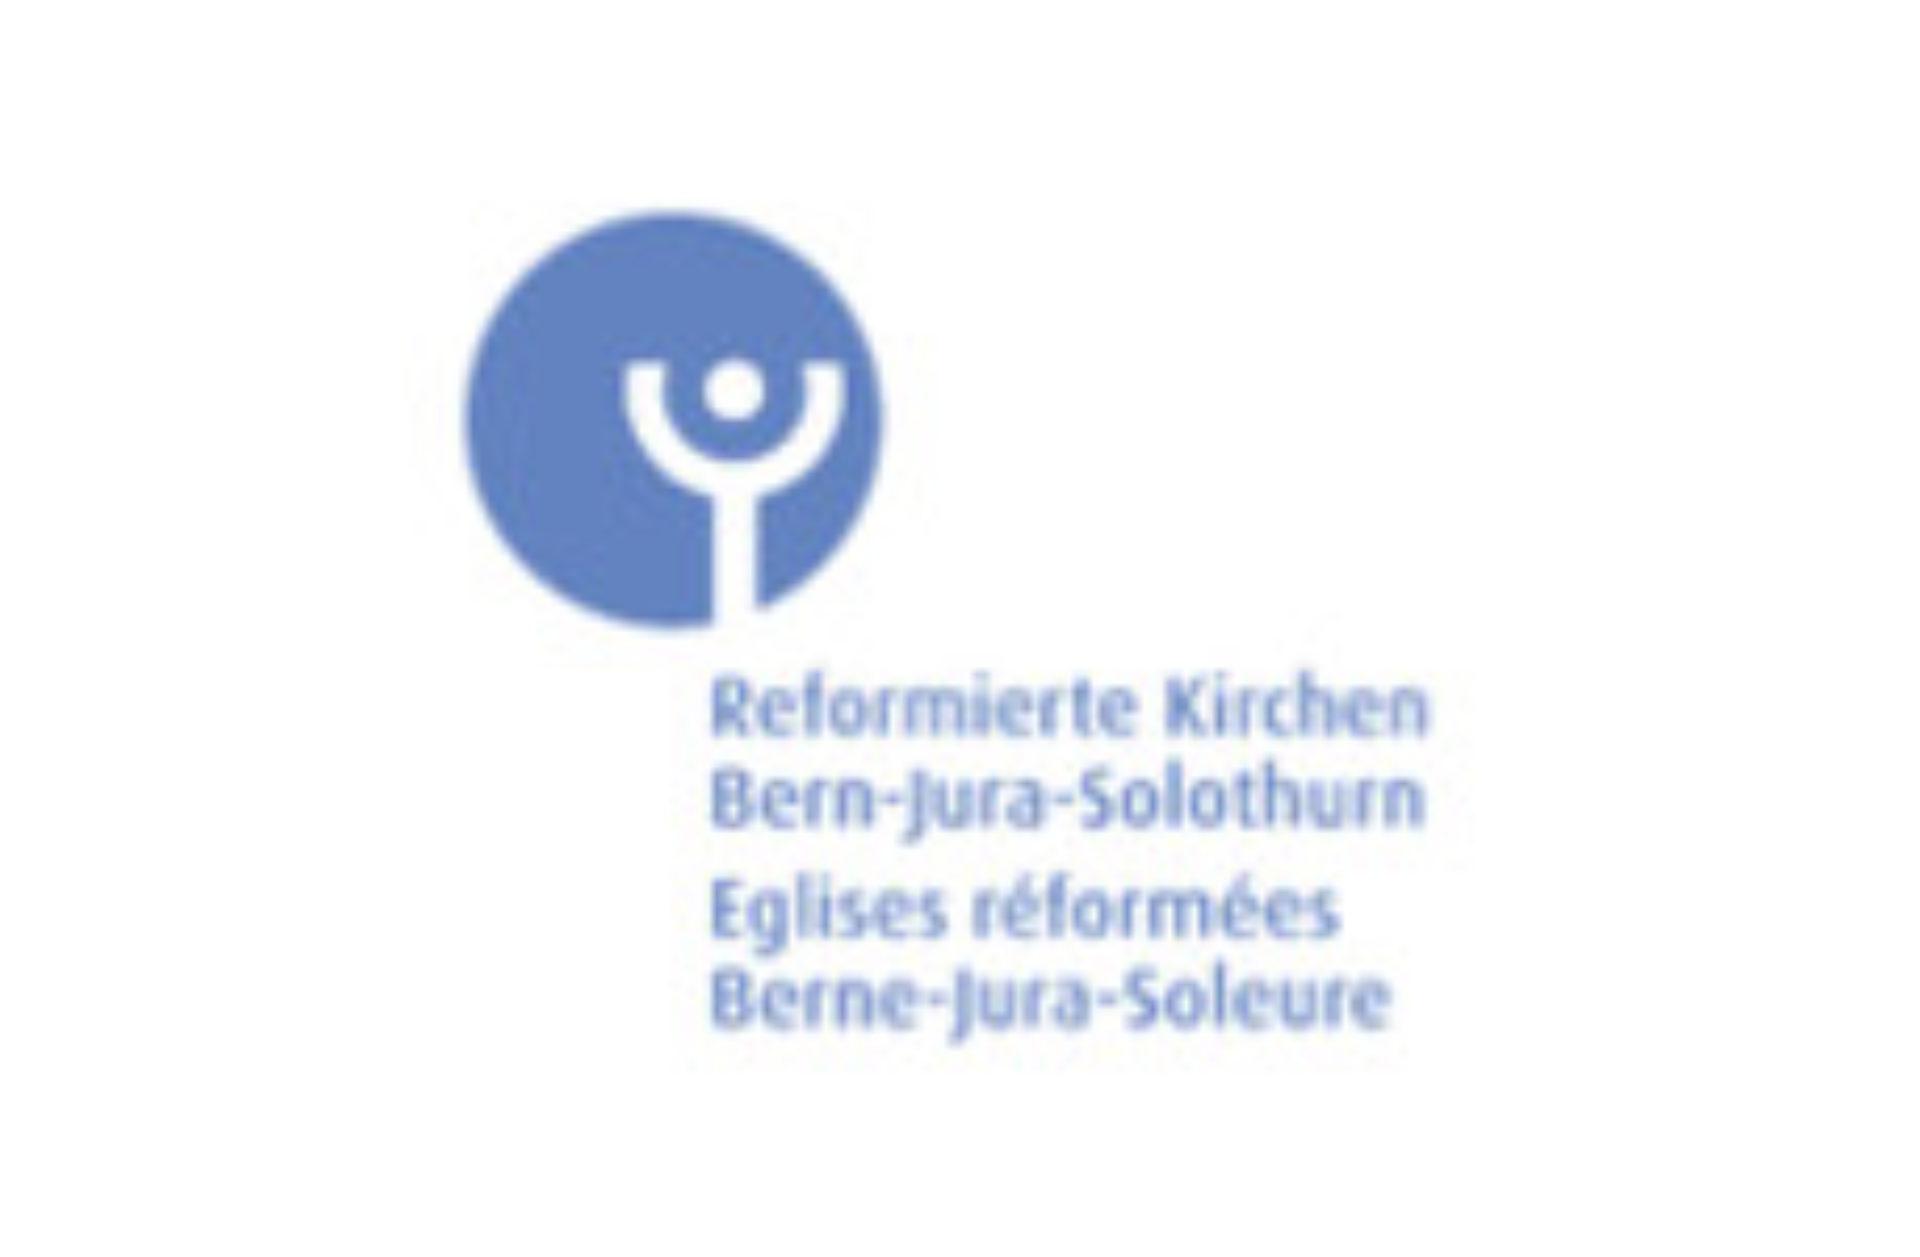 Eglises reformees Berne Jura Soleure